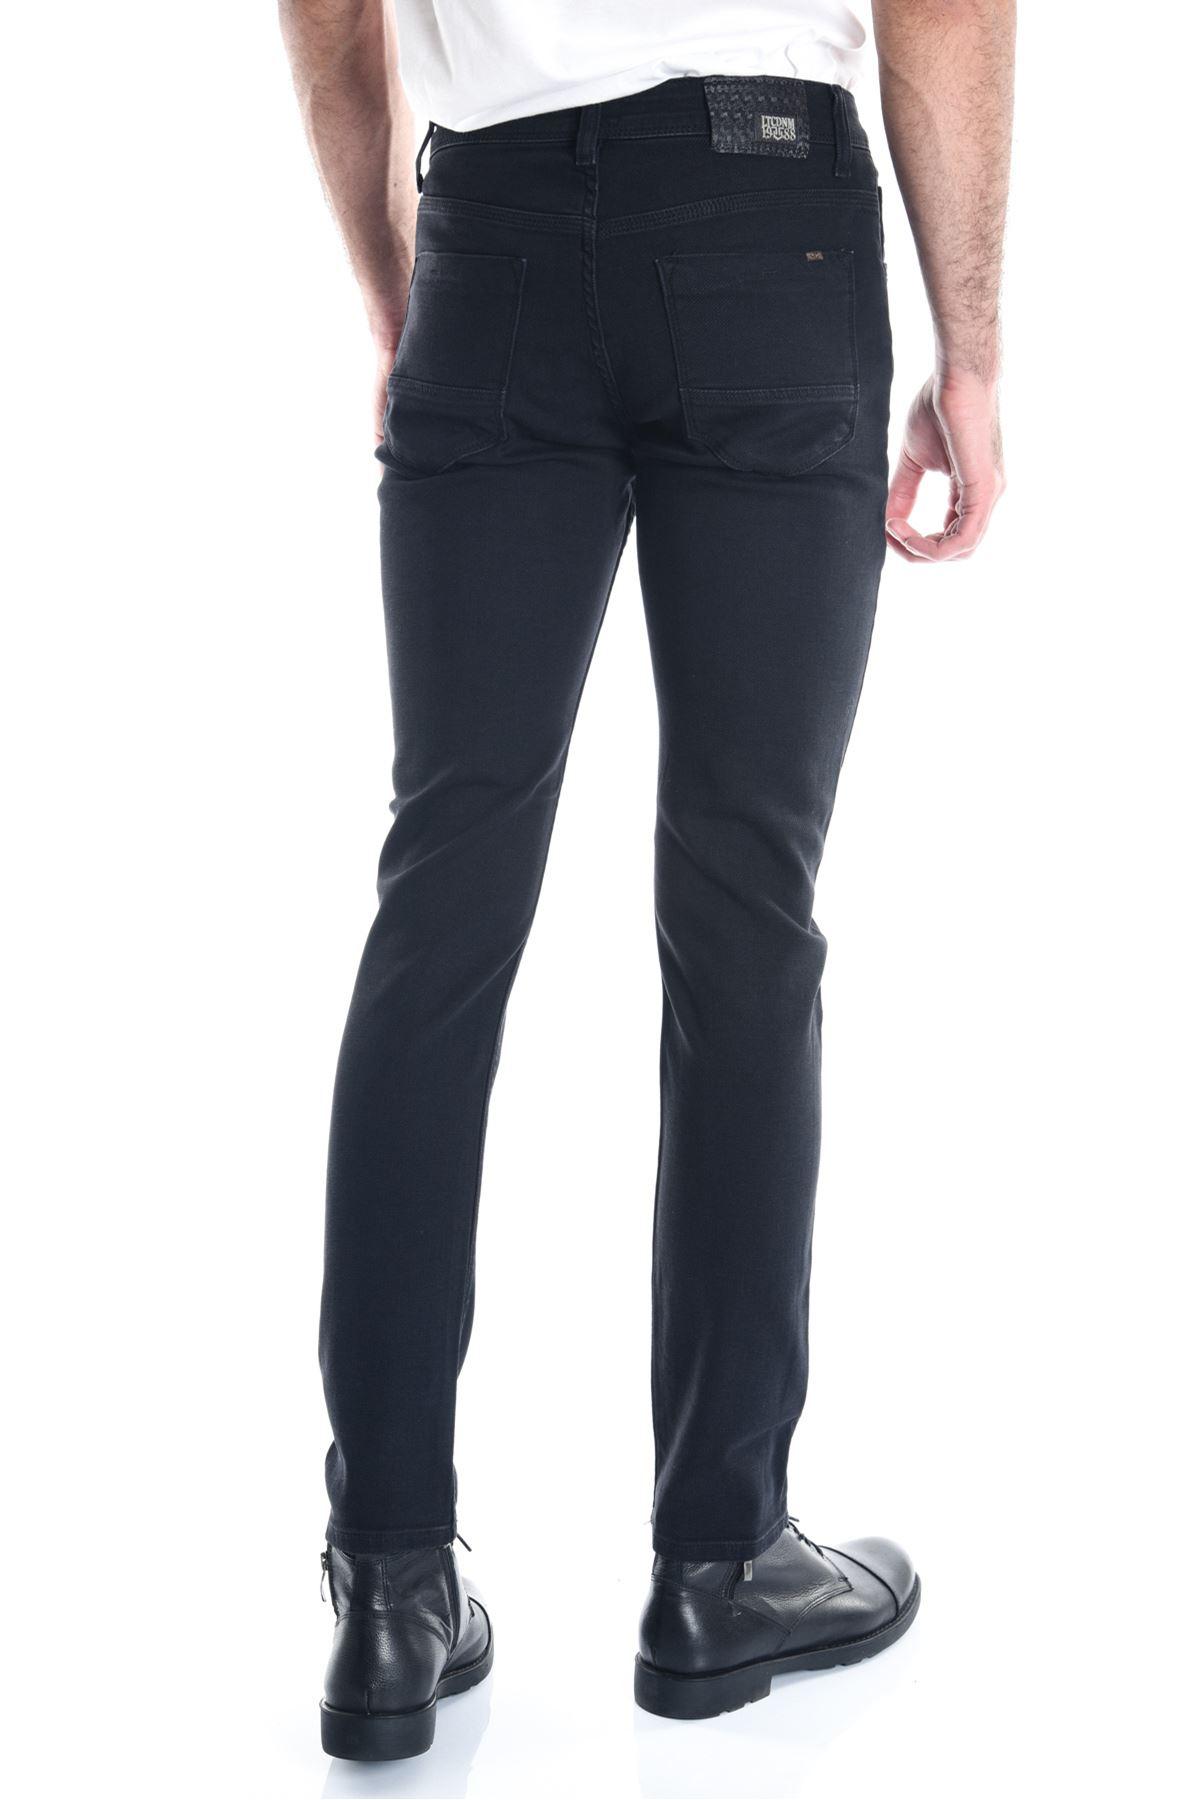 Siyah Sade Fitilli Örme Erkek Kot Pantolon